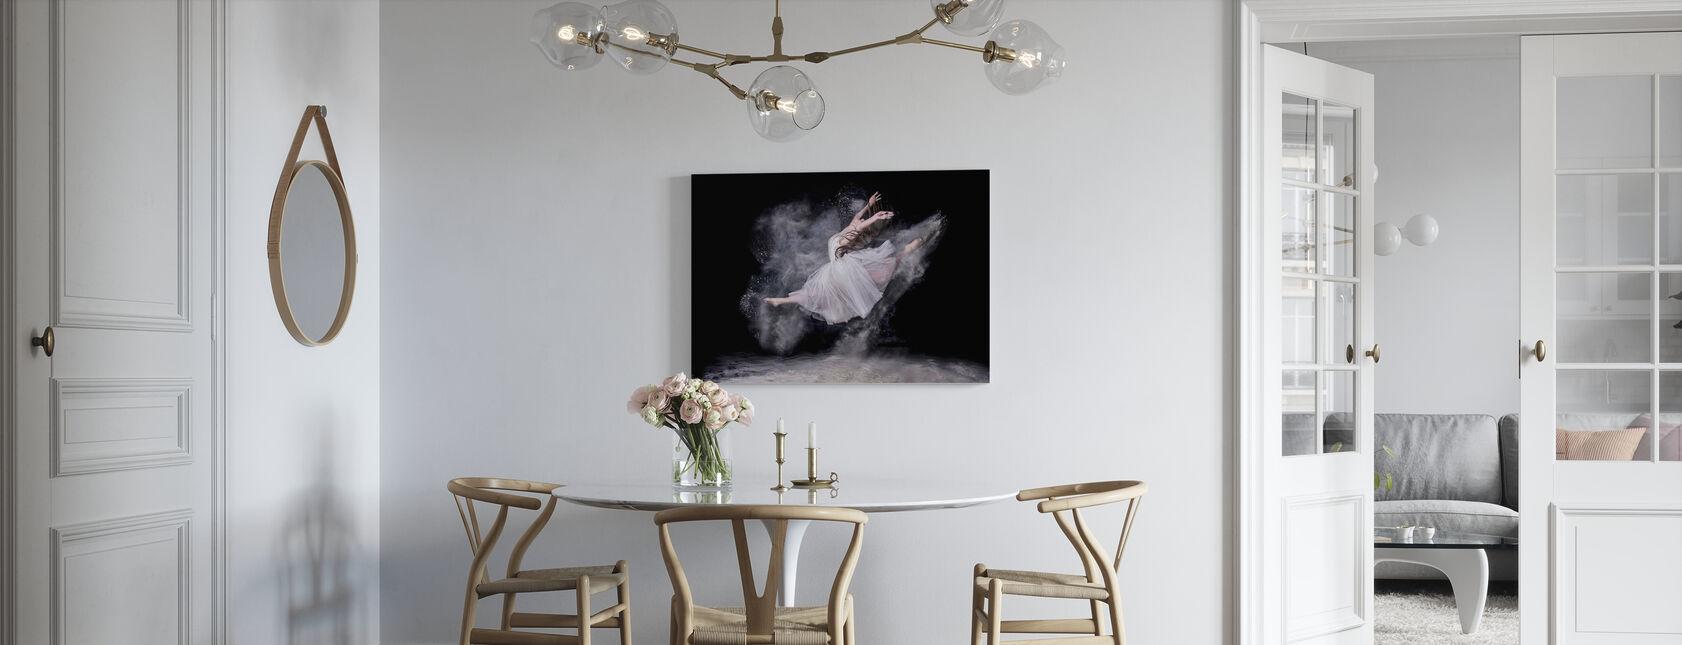 Cloud Dancer - Leinwandbild - Küchen